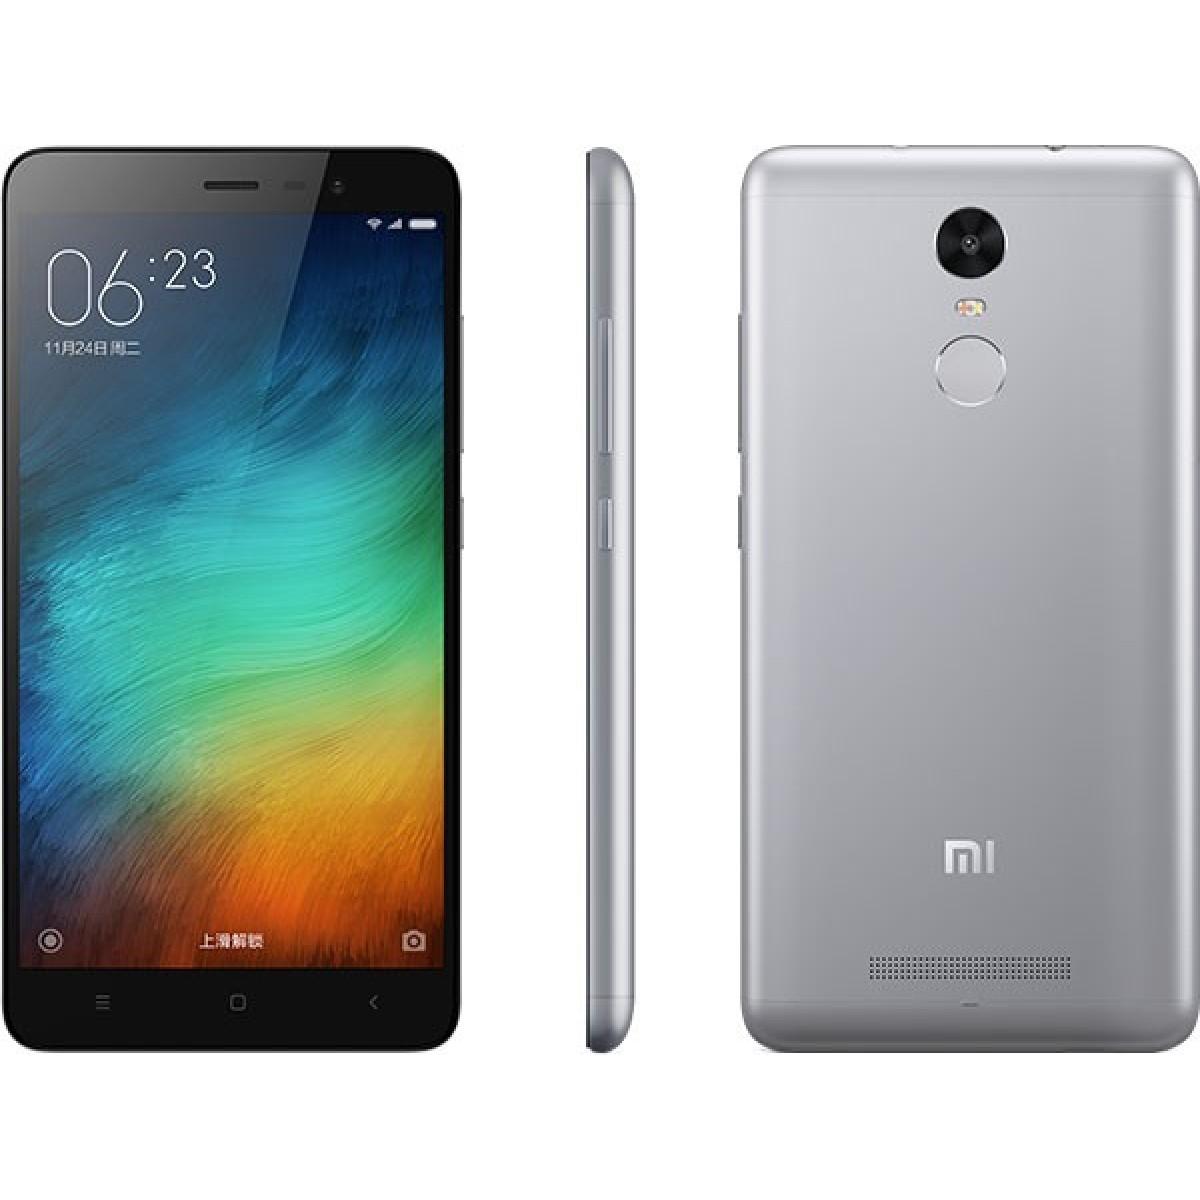 Xiaomi Redmi Note 3 Dual SIM 16GB Black